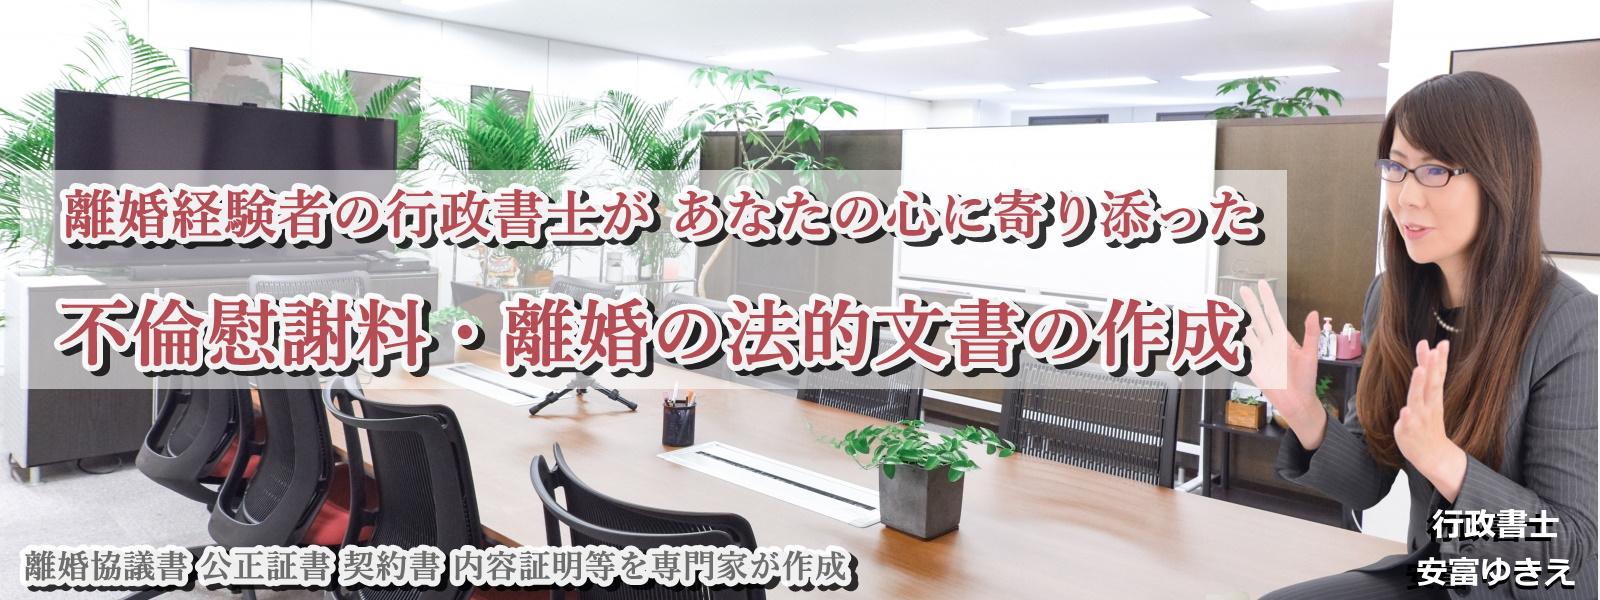 離婚・不倫相談センター横浜